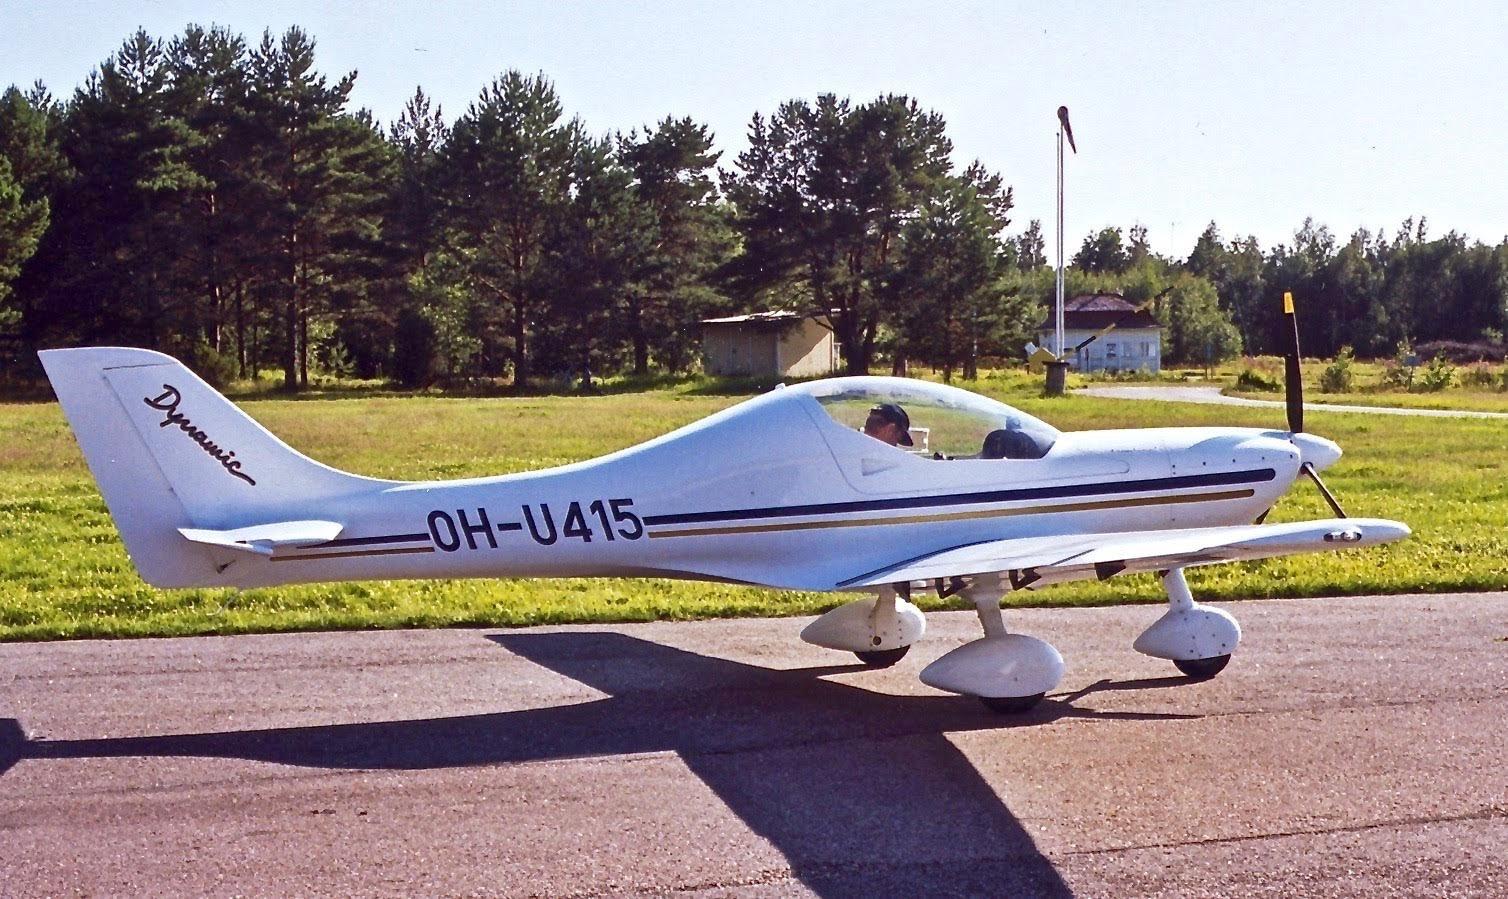 Aerospool WT-9 Dynamic OH U-415 EFHN 2002